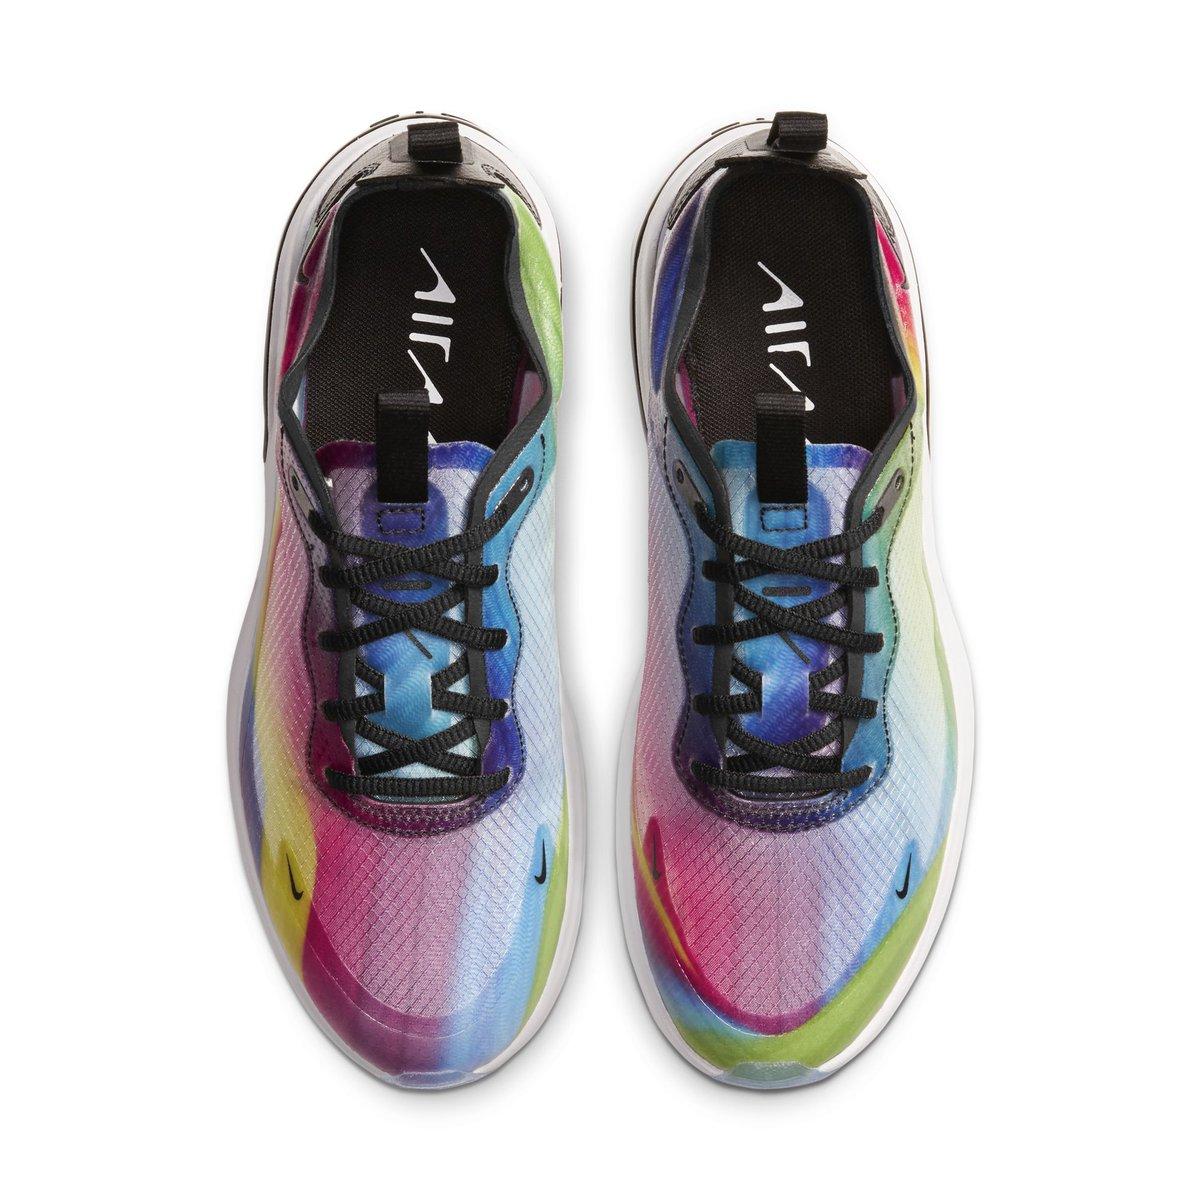 Nike,Air Max Dia,CQ2503-900,发售 增高效果明显!全新 Air Max Dia 现已发售